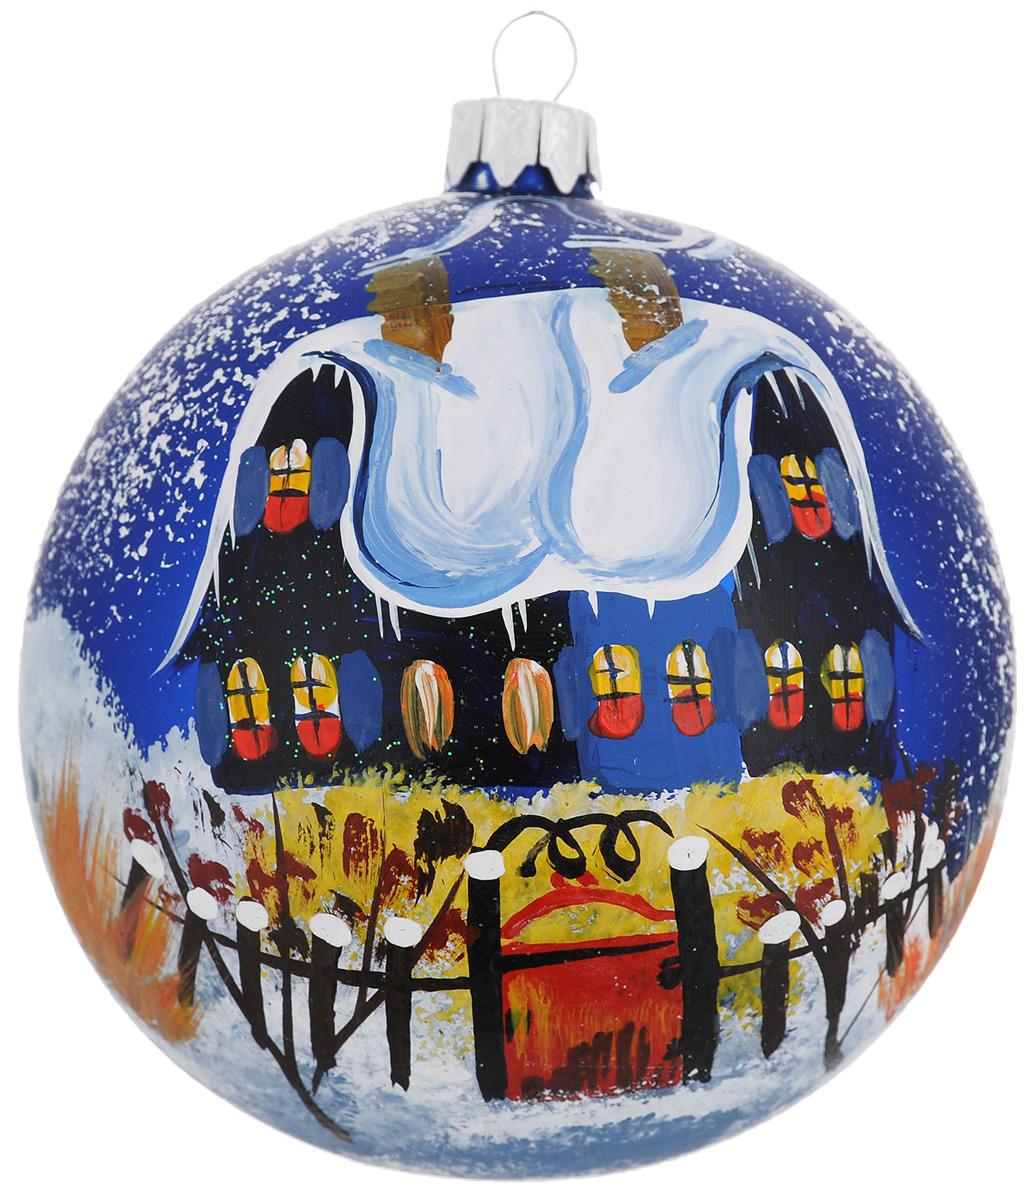 Новогоднее подвесное украшение Синий дом красная калитка, диаметр 10 см. Ручная росписьH-100-0001-S-Синий дом красная калиткаНовогоднее украшение Синий дом красная калитка отлично подойдет для украшения вашего дома и новогодней ели. Игрушка выполнена из тонкого стекла в виде шара и декорирована изображением заснеженного коттеджа. Украшение оснащено специальной металлической петелькой, в которую можно продеть нитку или ленту для подвешивания. Елочная игрушка - символ Нового года. Она несет в себе волшебство и красоту праздника. Создайте в своем доме атмосферу веселья и радости, украшая всей семьей новогоднюю елку нарядными игрушками, которые будут из года в год накапливать теплоту воспоминаний.